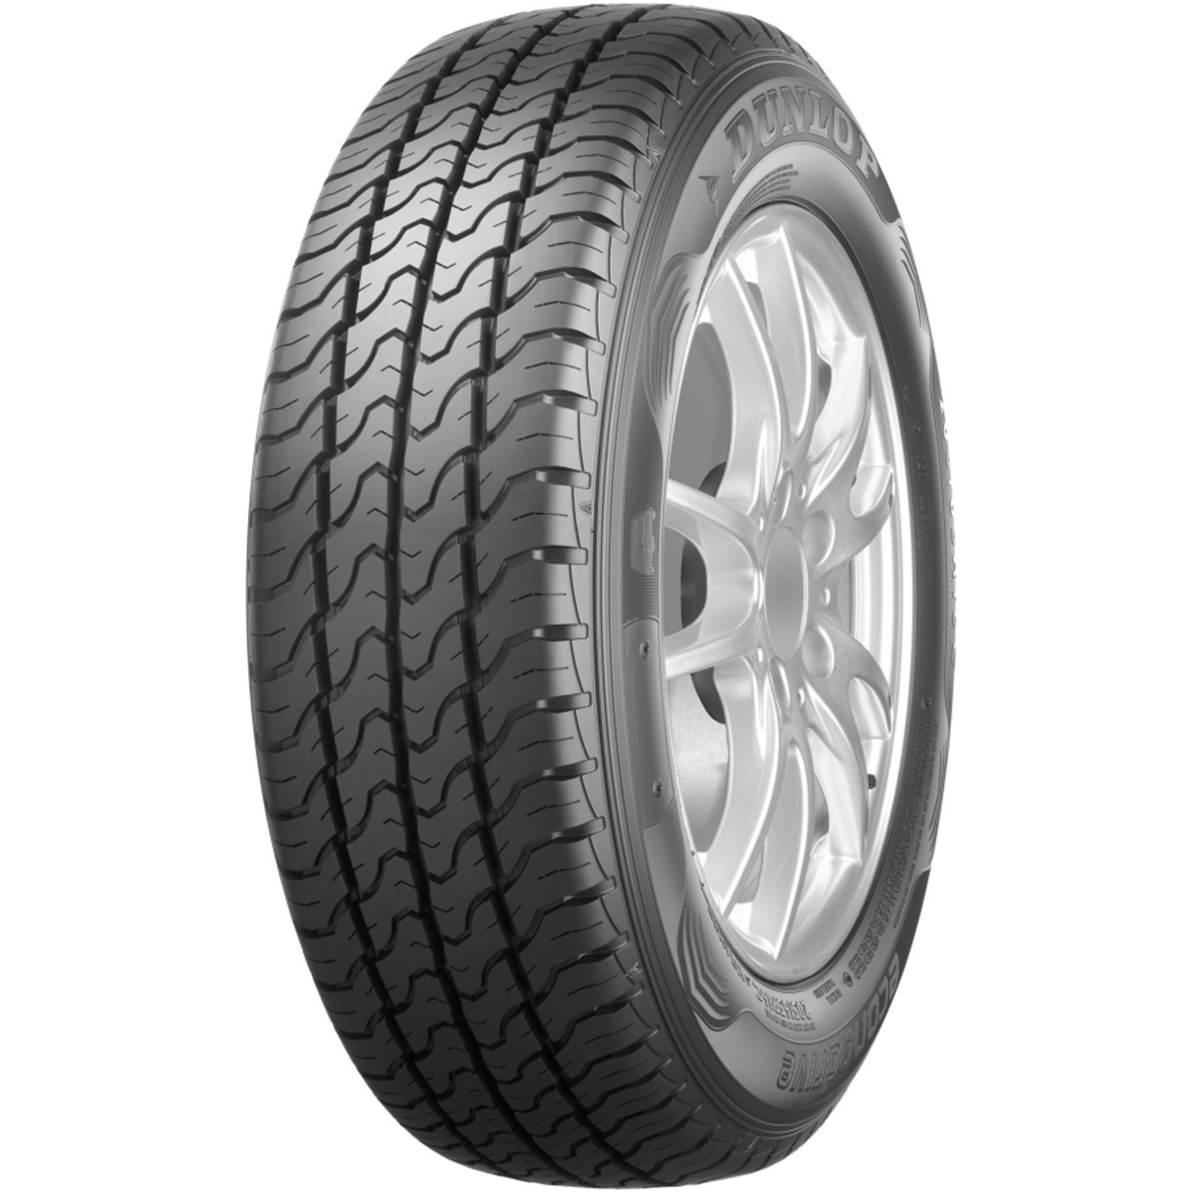 Pneu Camionnette Dunlop 205/65R15 102T Econodrive